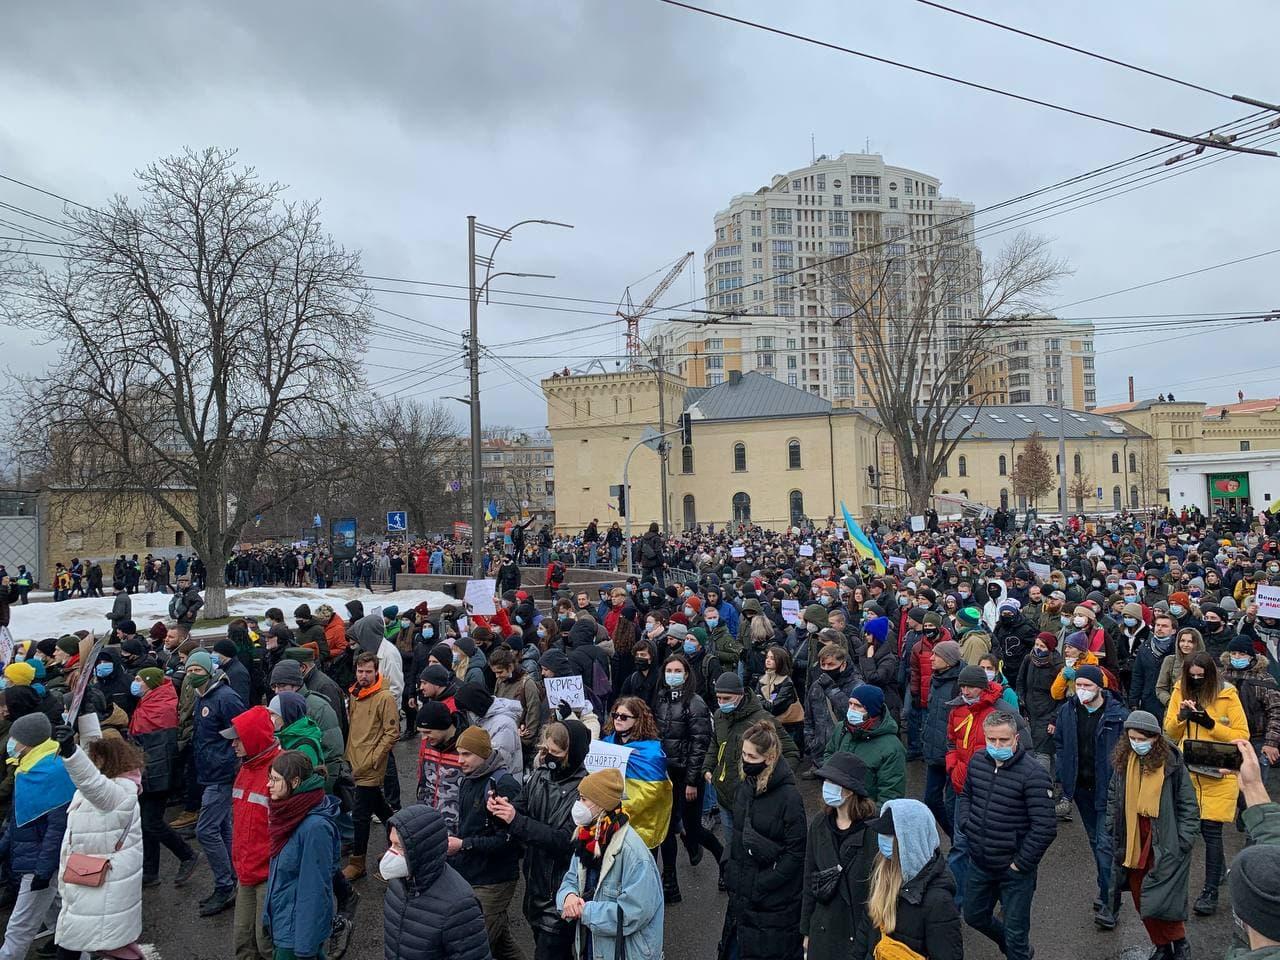 Стерненко. Протестующие забросали файерами офис Венедиктовой – фото, видео